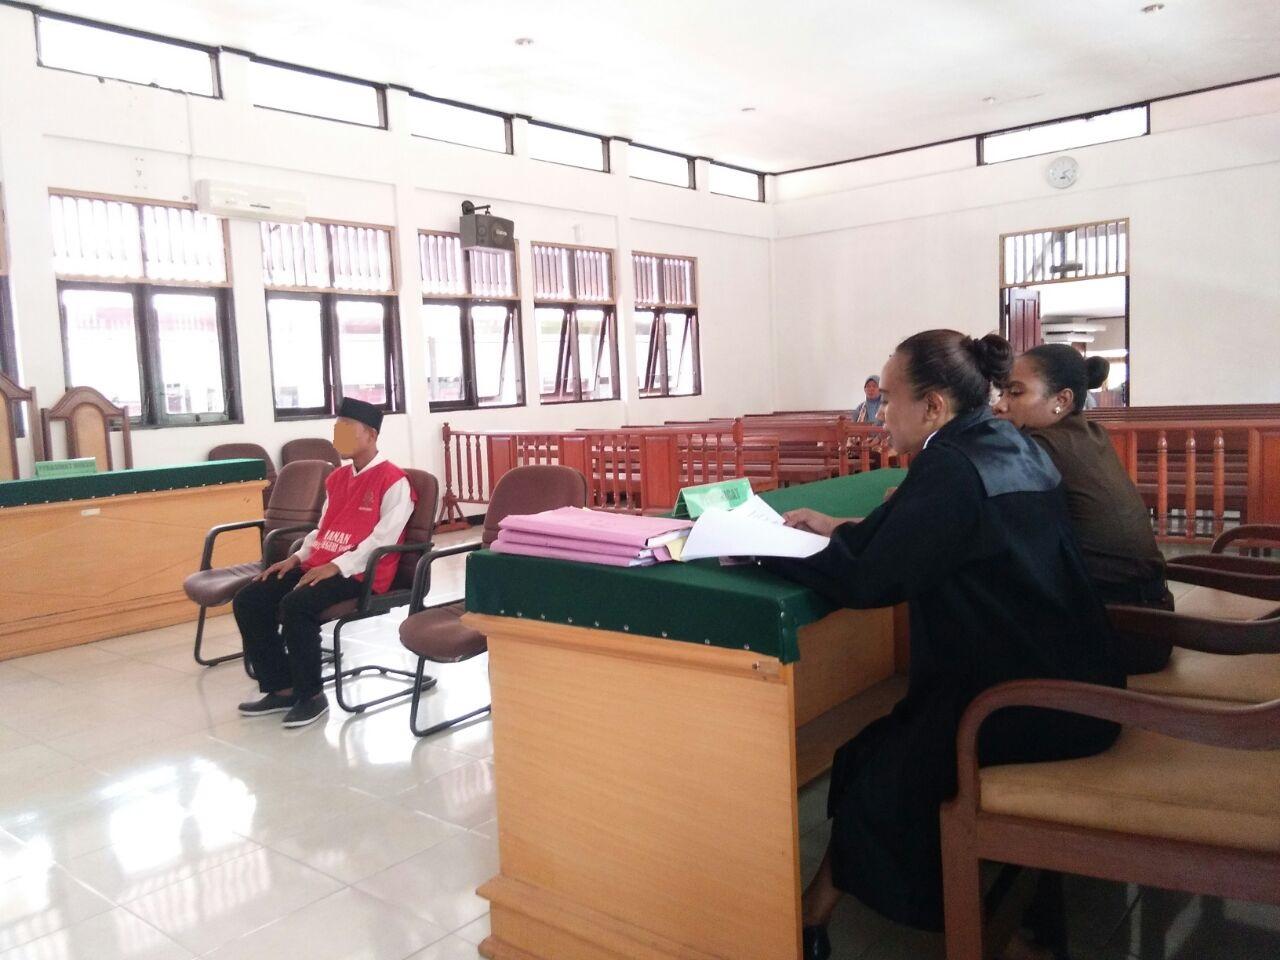 Terdakwa HN (24) saat mendengarkan bacaan tuntutan Jaksa di Pengadilan Negeri kelas Ib Sorong